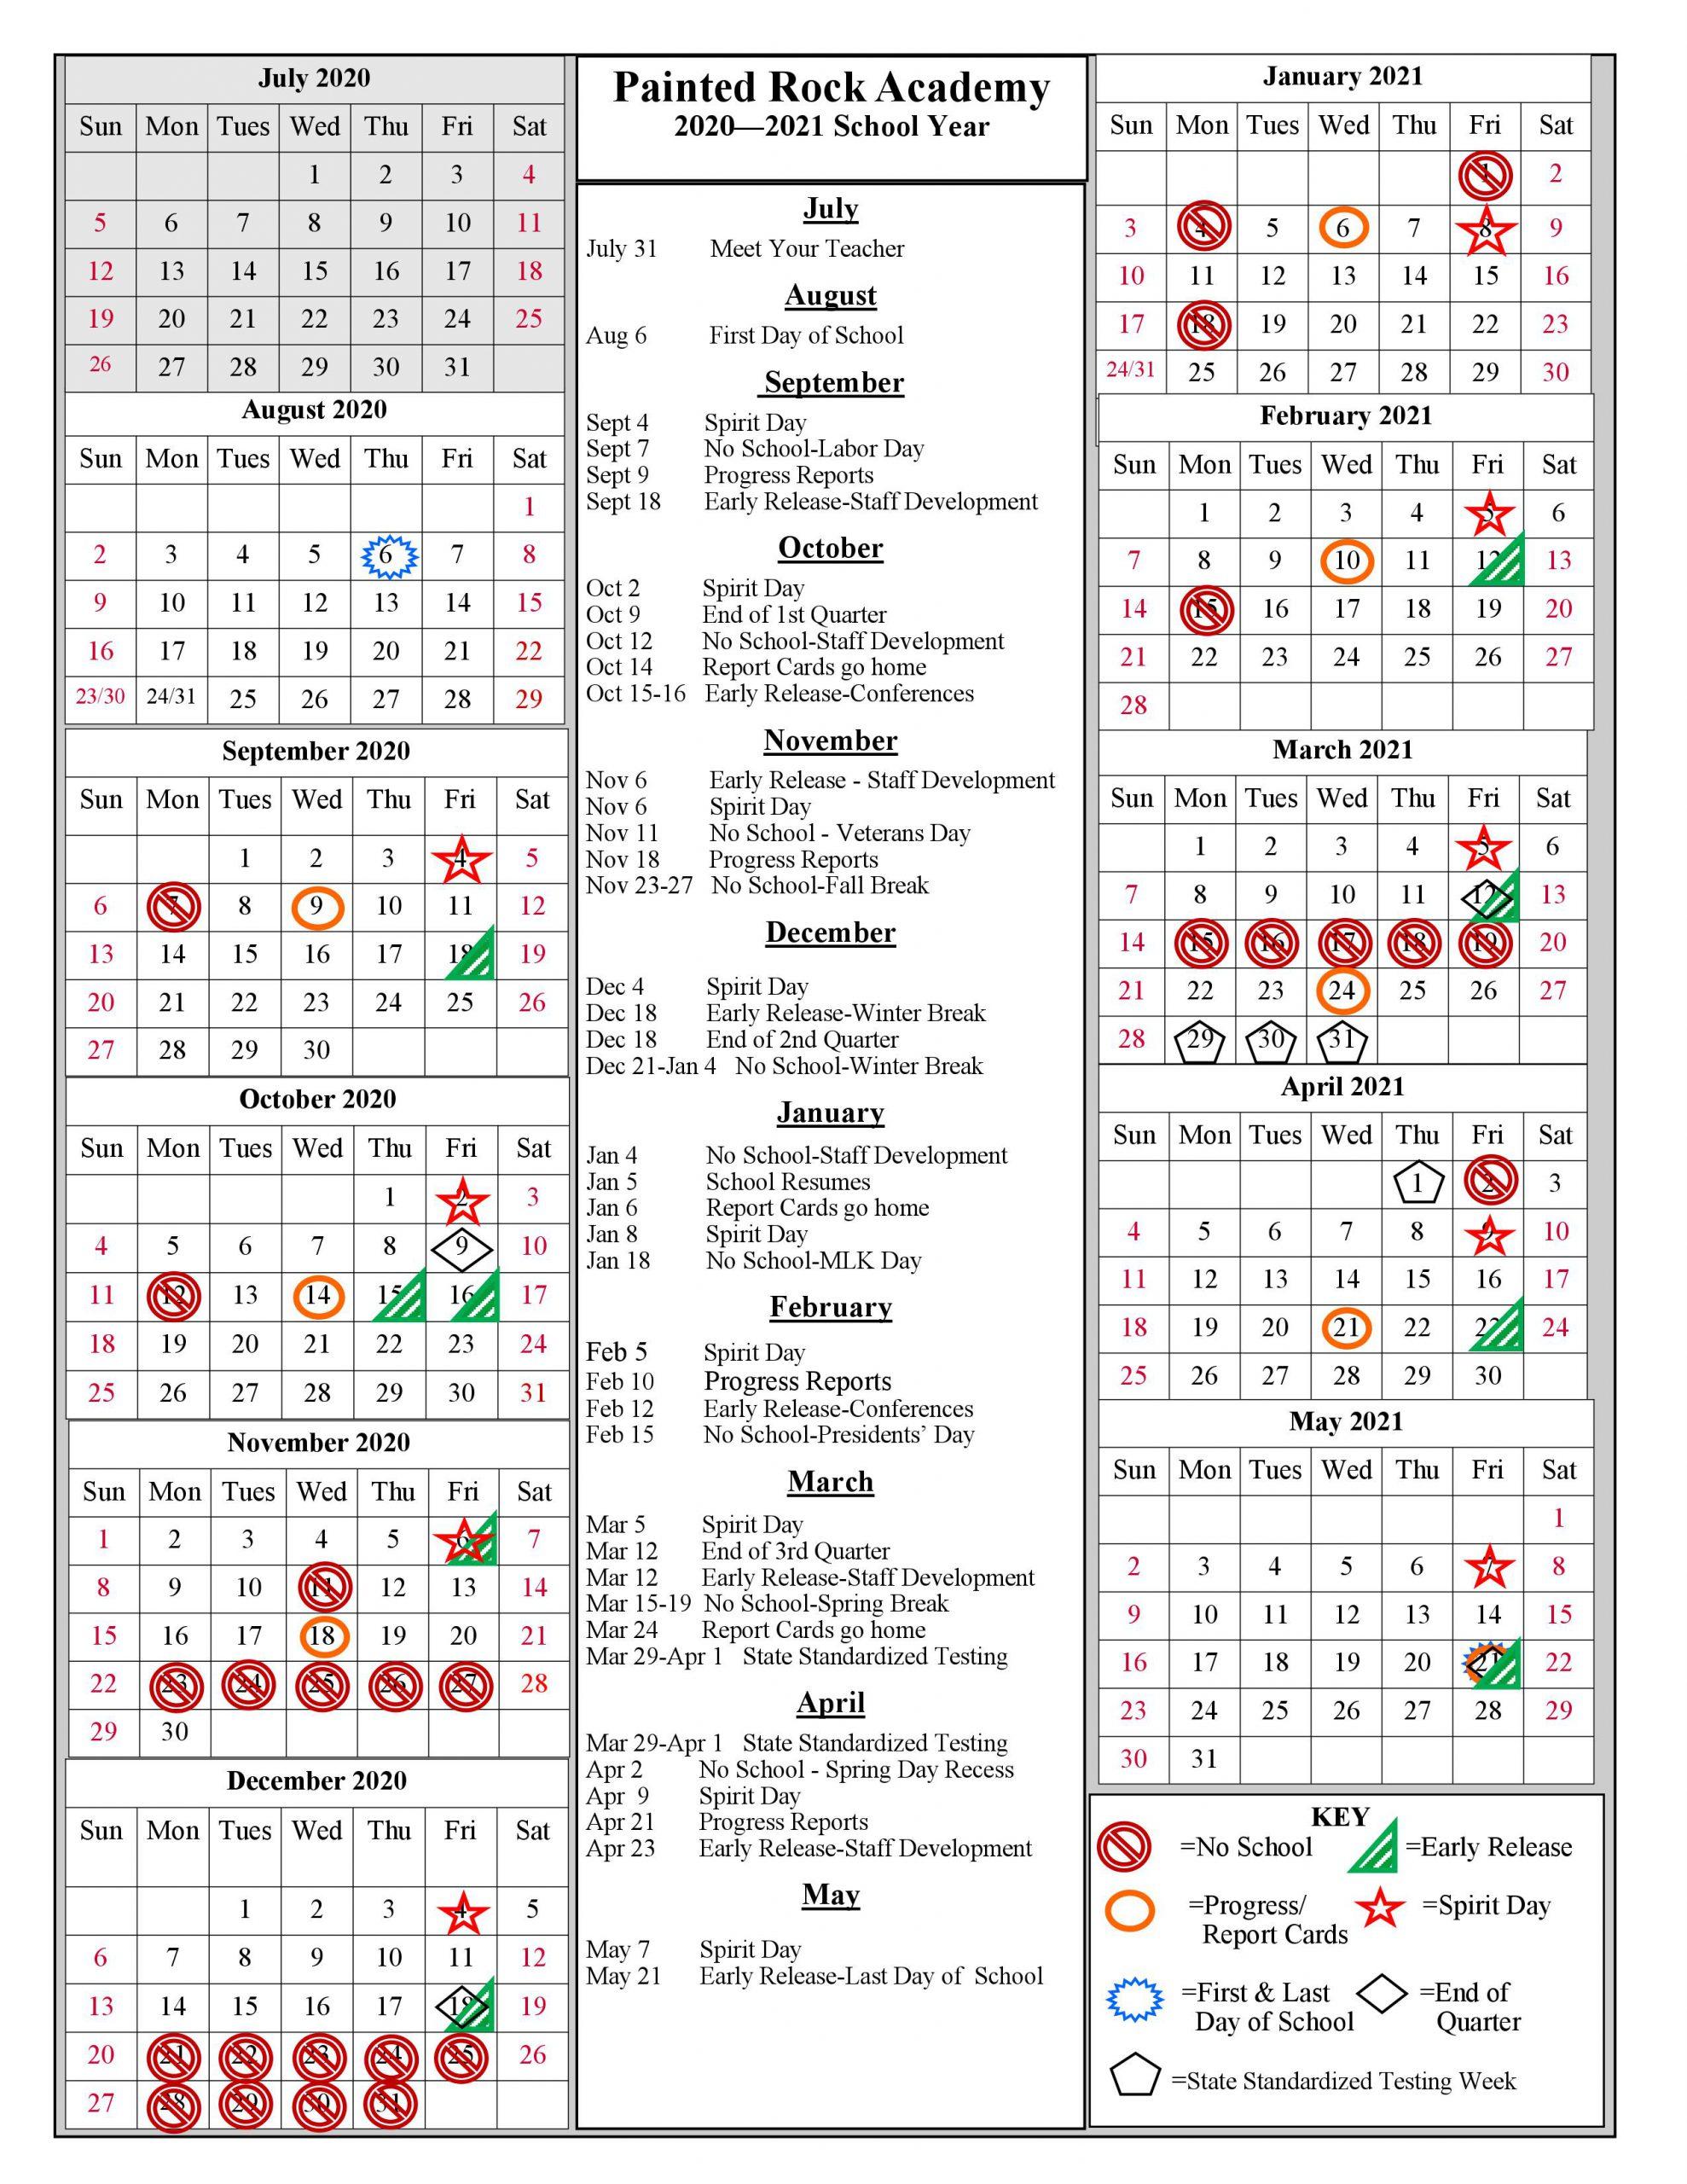 School Year Calendar 2020 2021   Painted Rock Academy With Gcu Academic Calendar 2021 20